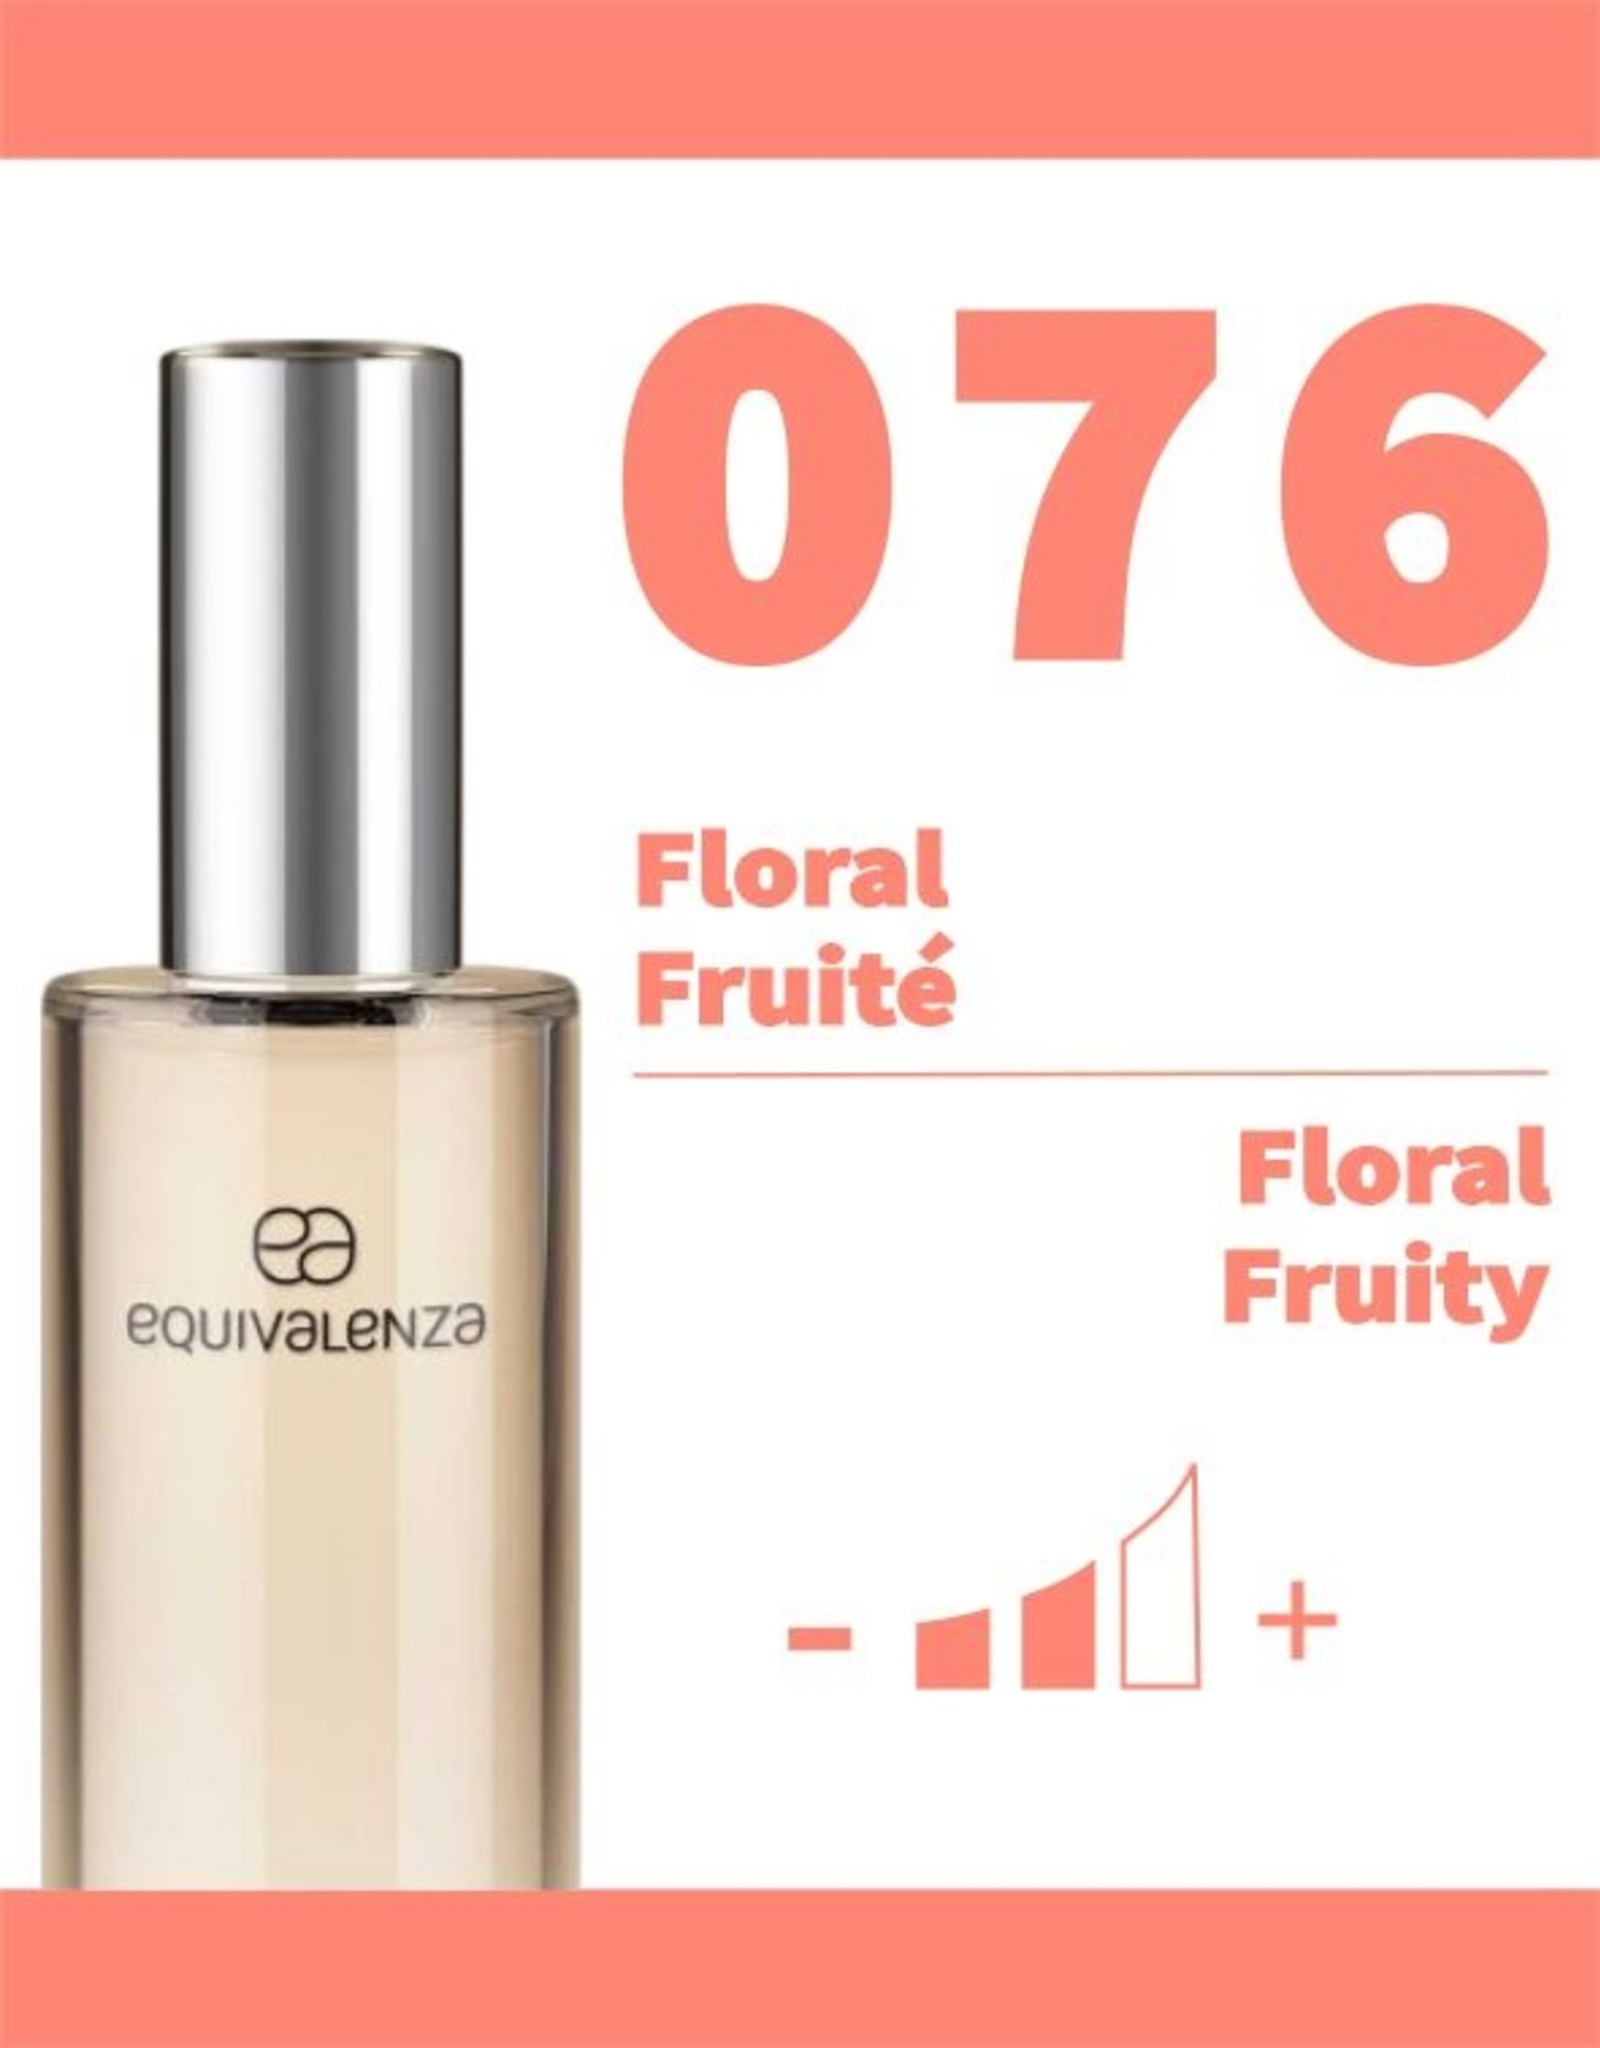 Equivalenza Floral Fruité 076